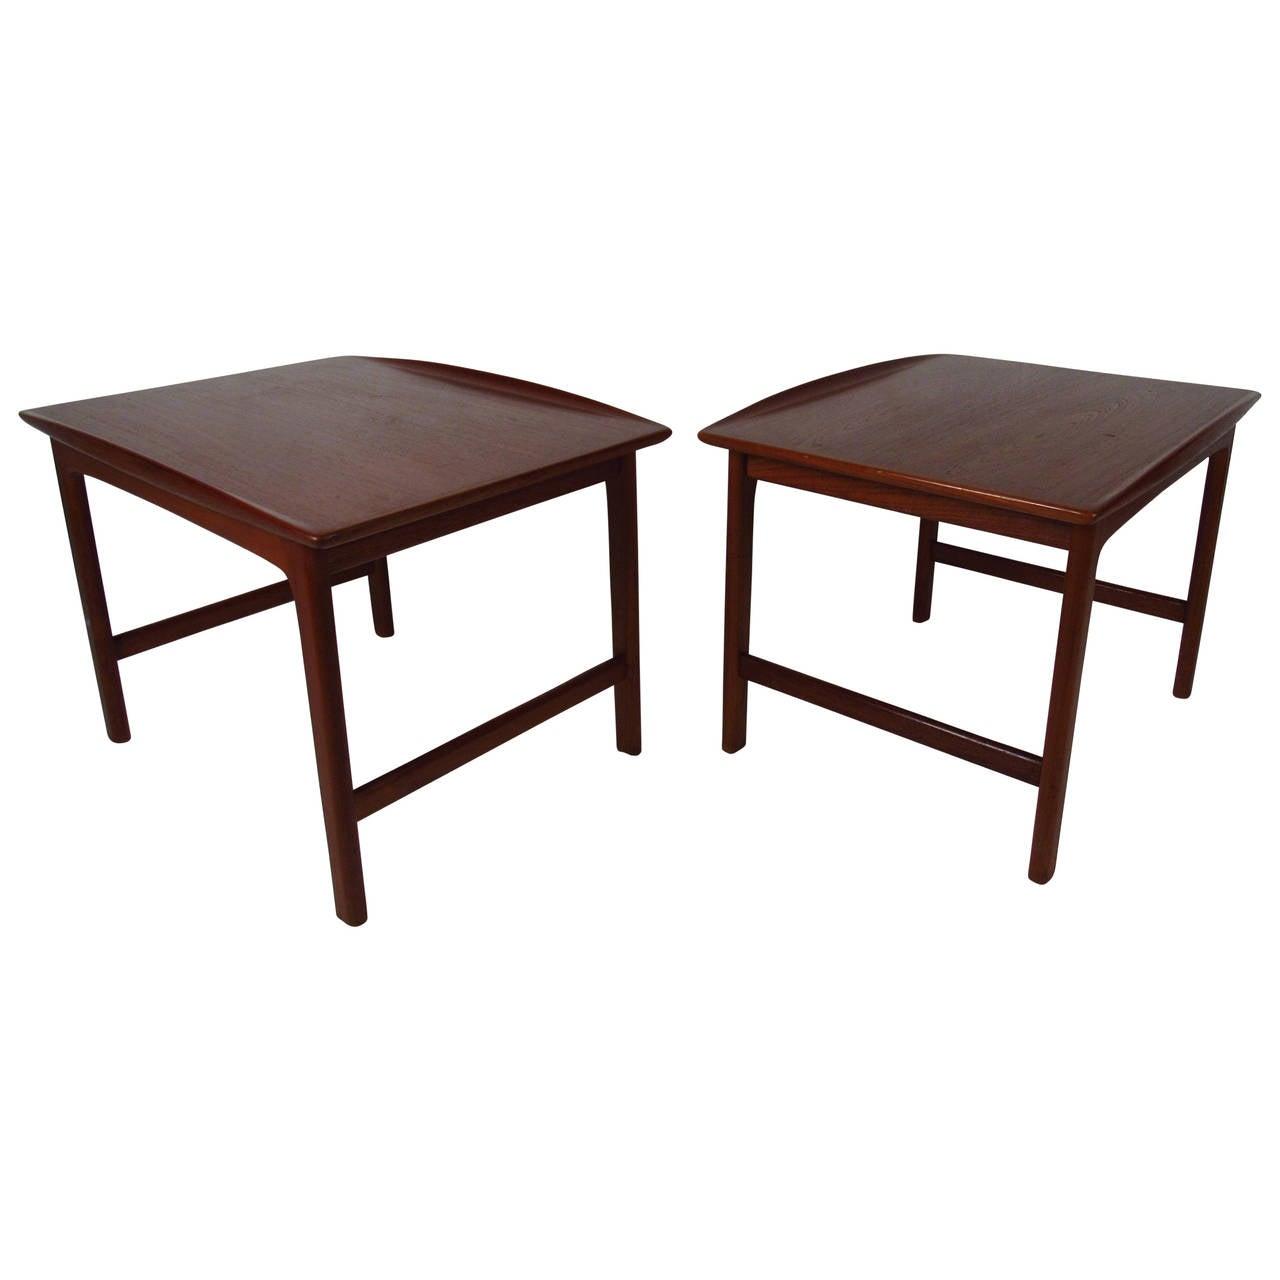 Pair of Midcentury Sculpted Teak End Tables